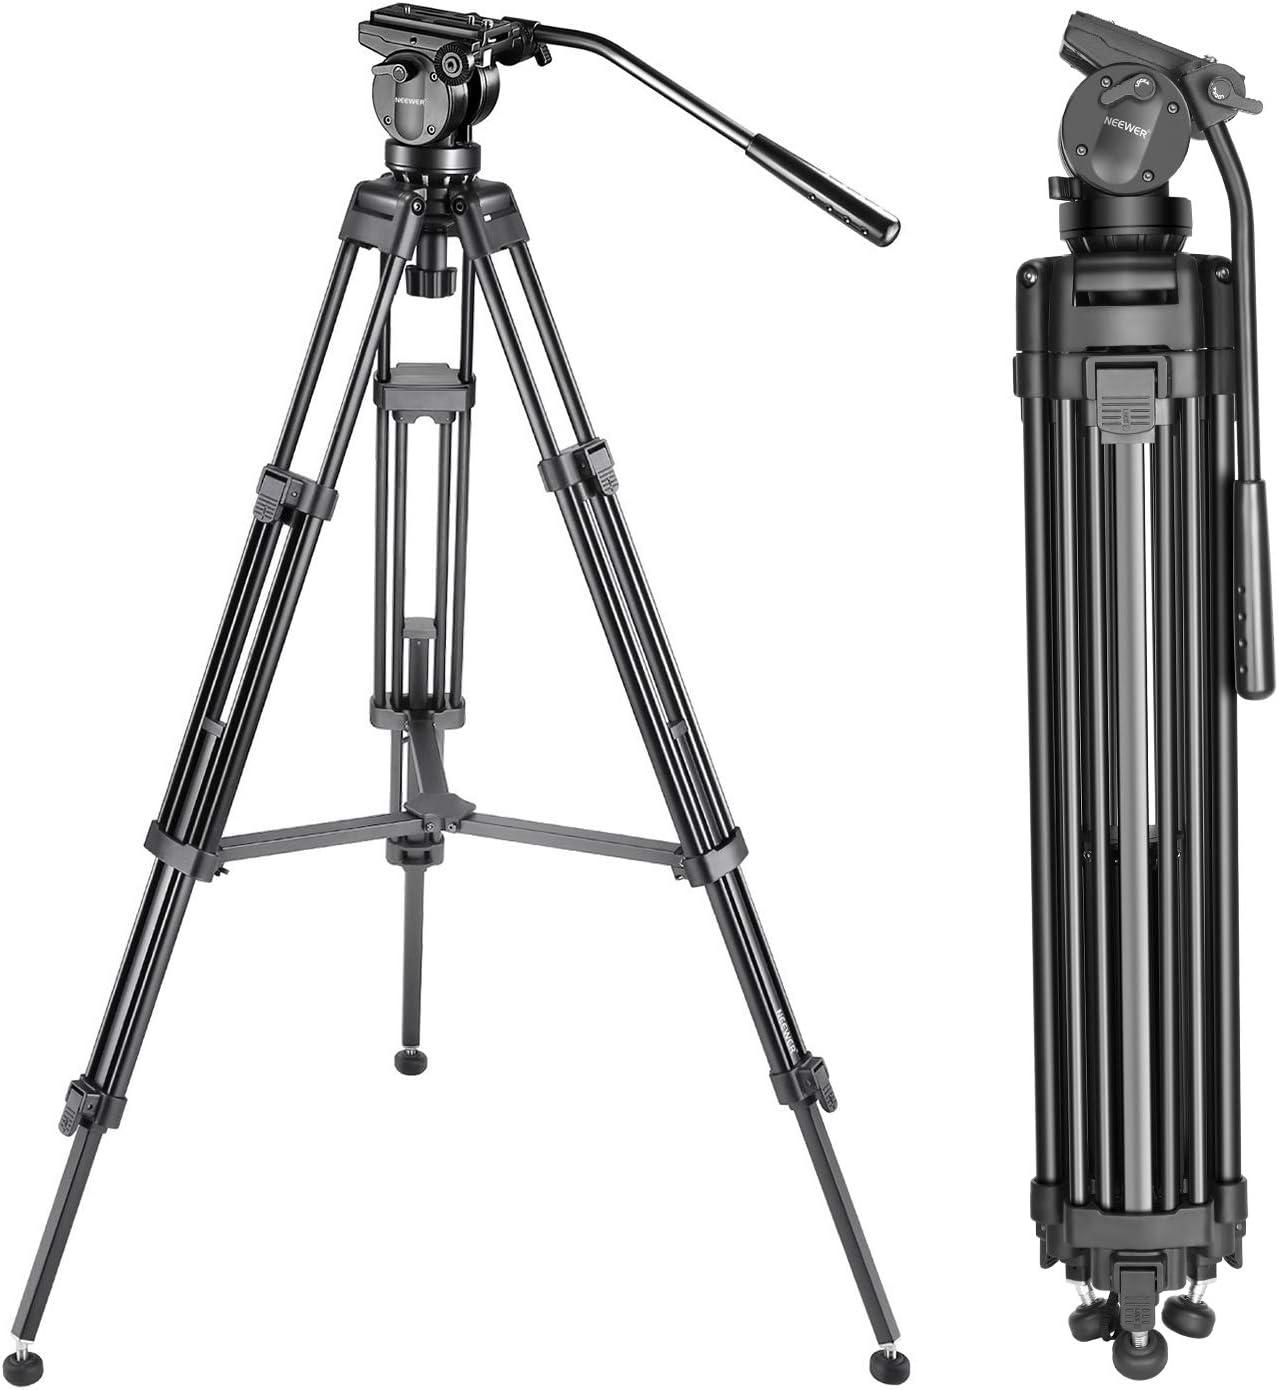 Piastra a Sgancio Rapido 155 cm Neewer 10087146 Trepiedi in Lega di Alluminio con Testa a Sfera Orientabile 360/° per Fotocamere DSLR e Videocamere